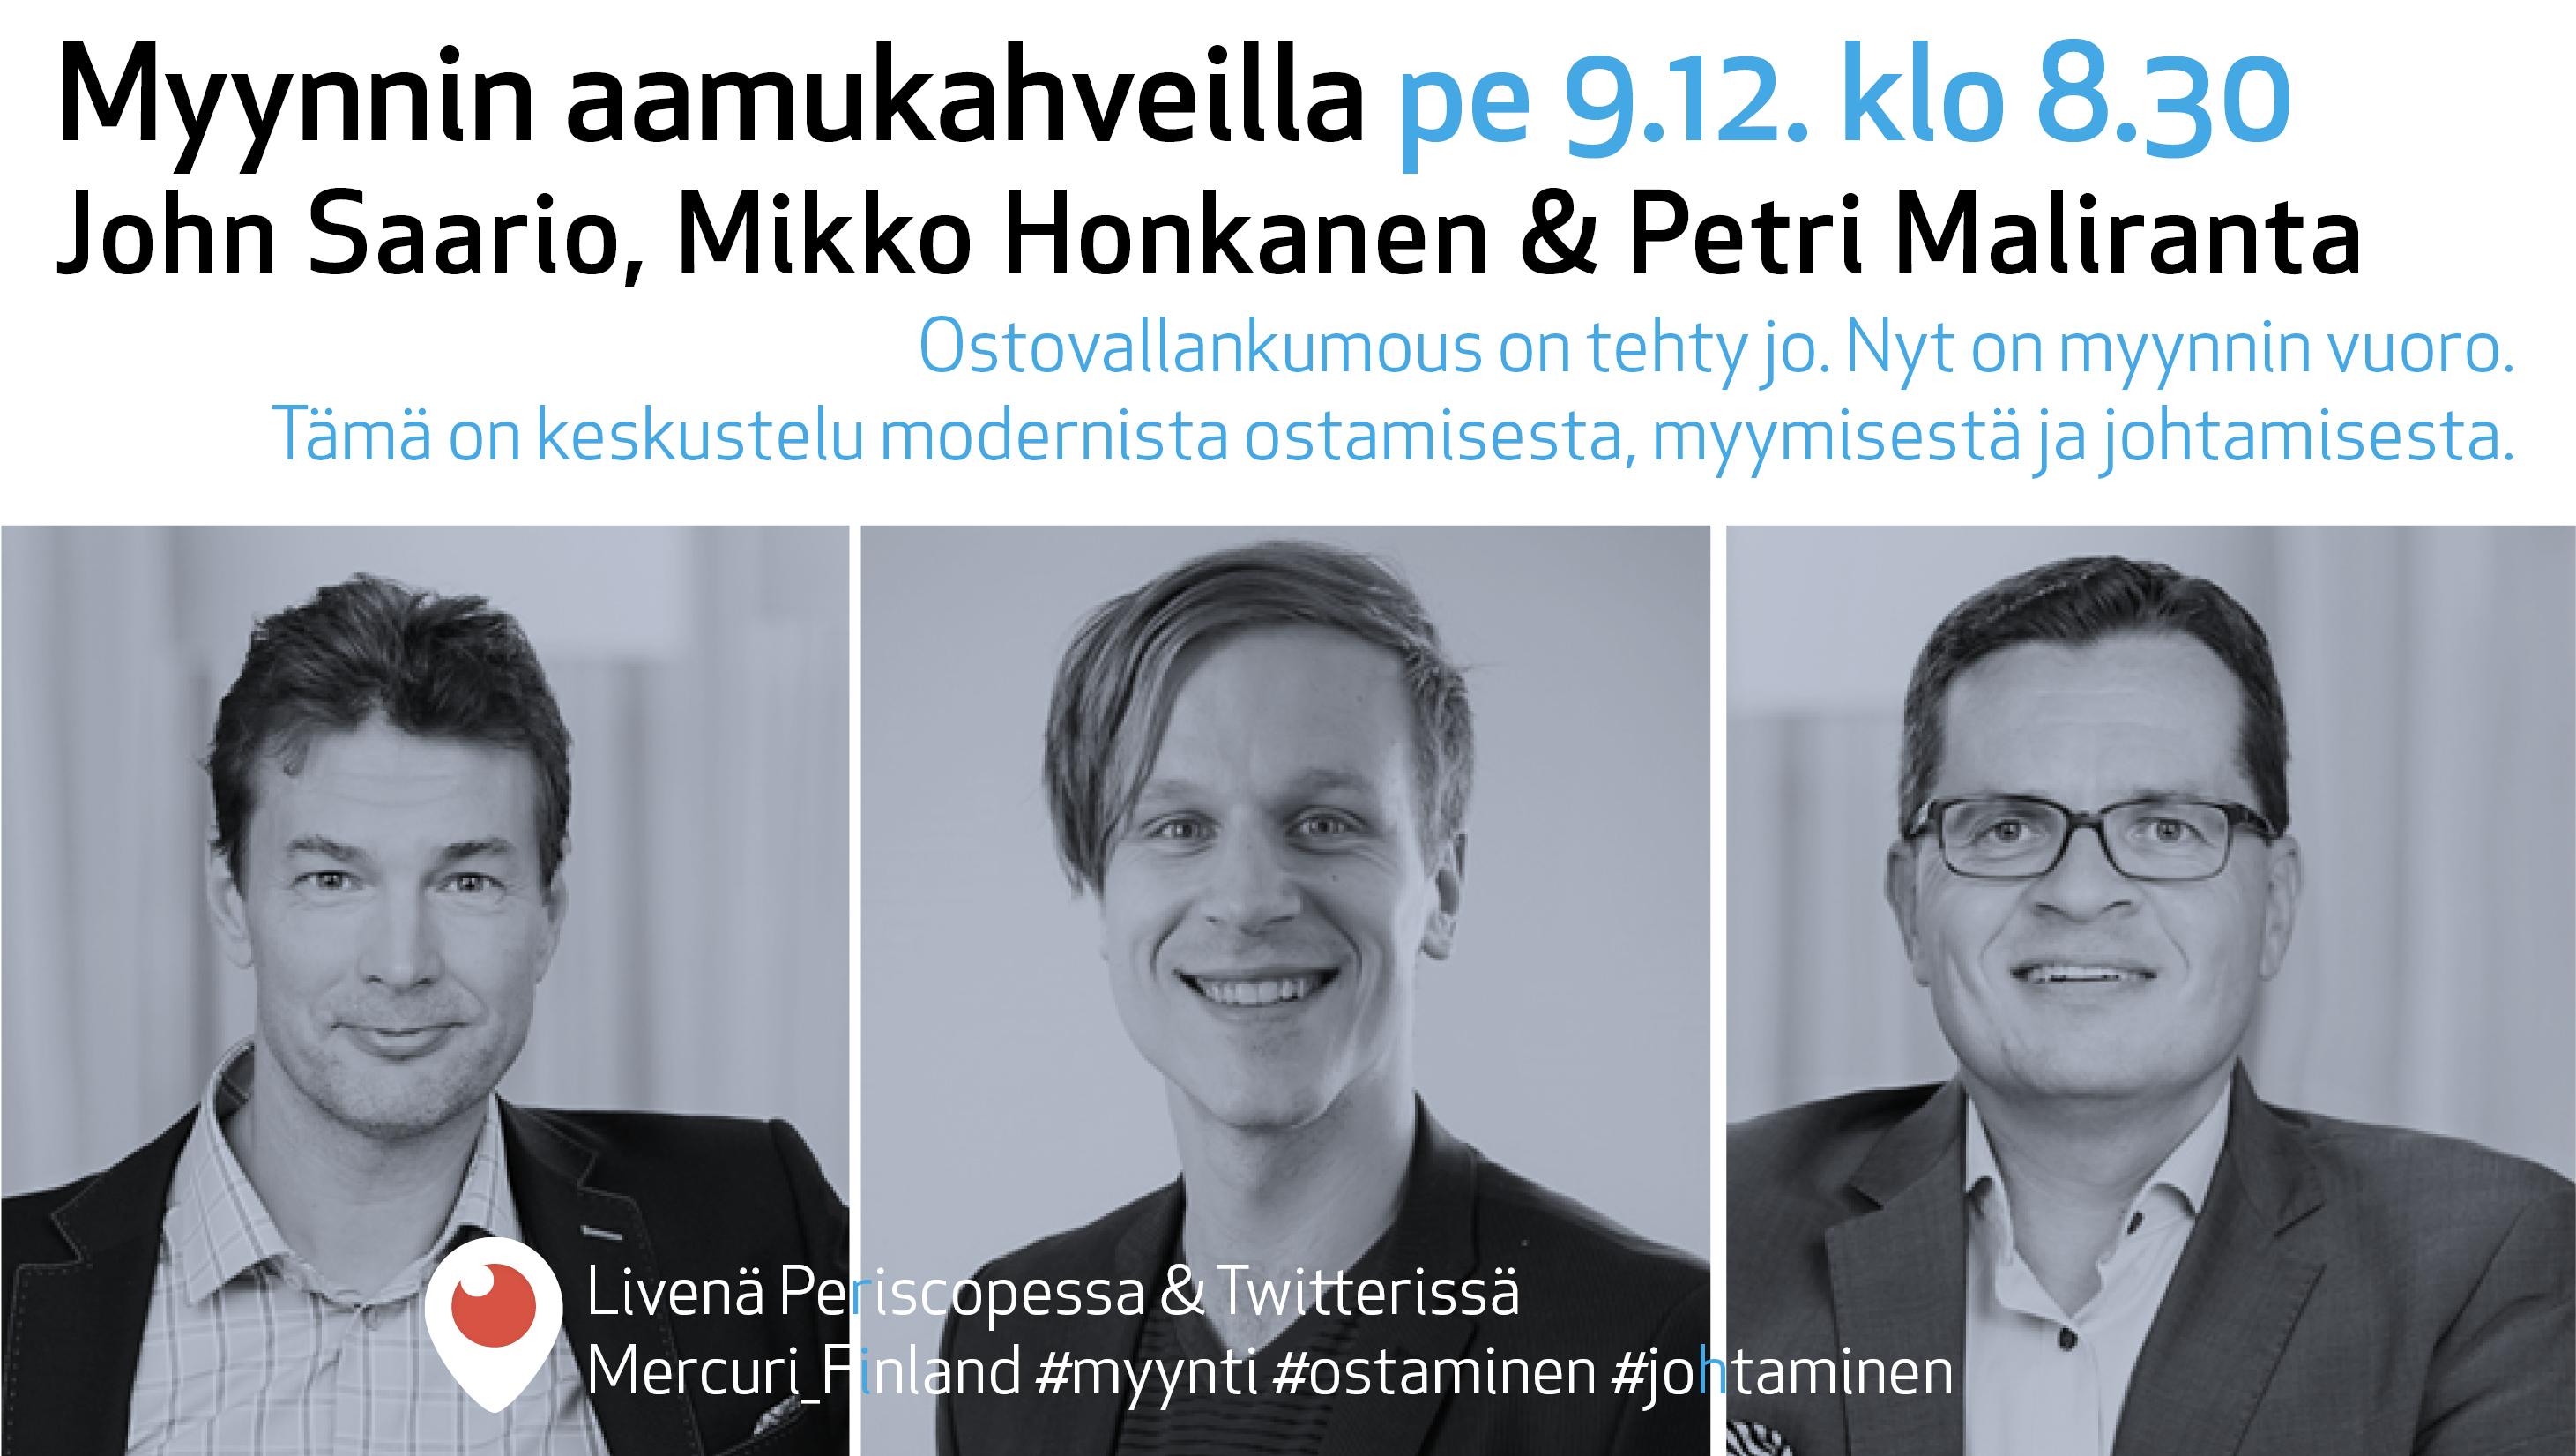 Myynnin aamukahvit 9.12.2016: John Saario, Mikko Honkanen ja Petri Maliranta